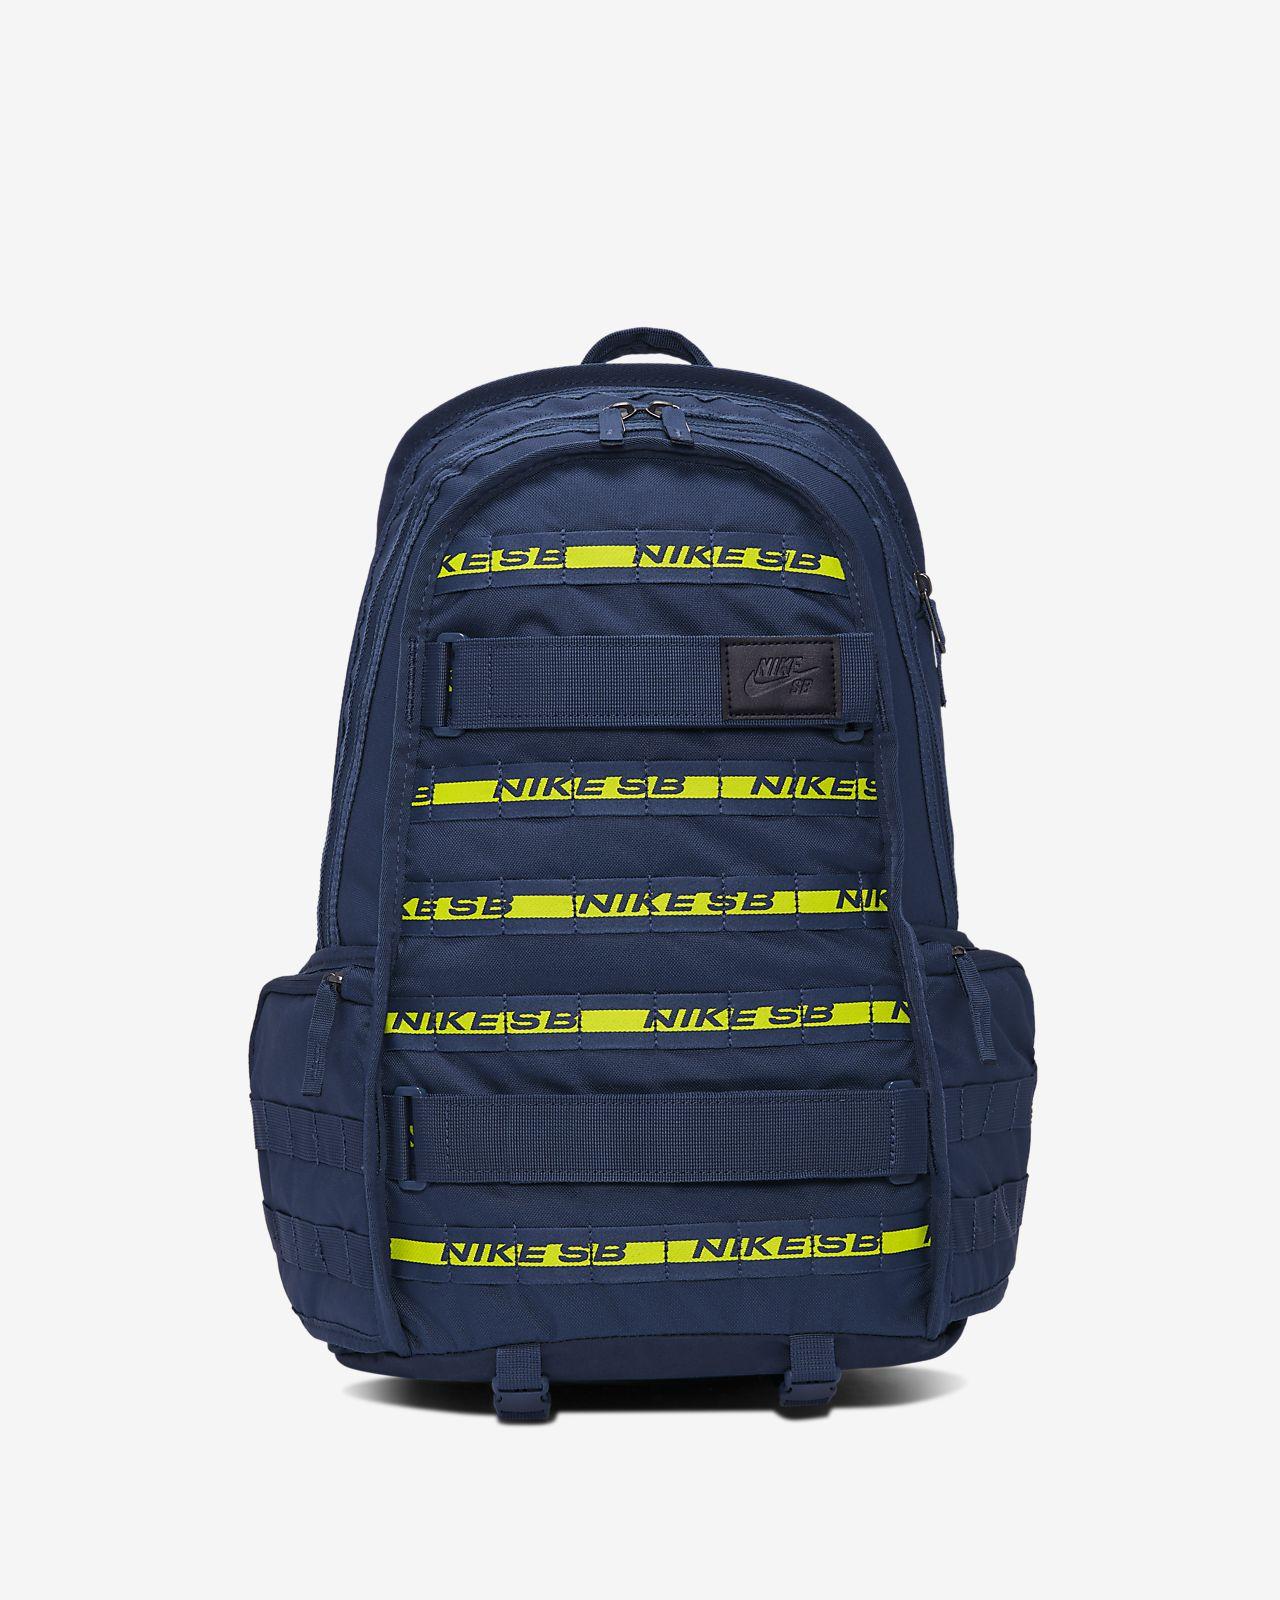 Nike SB RPM Skateboarding Backpack